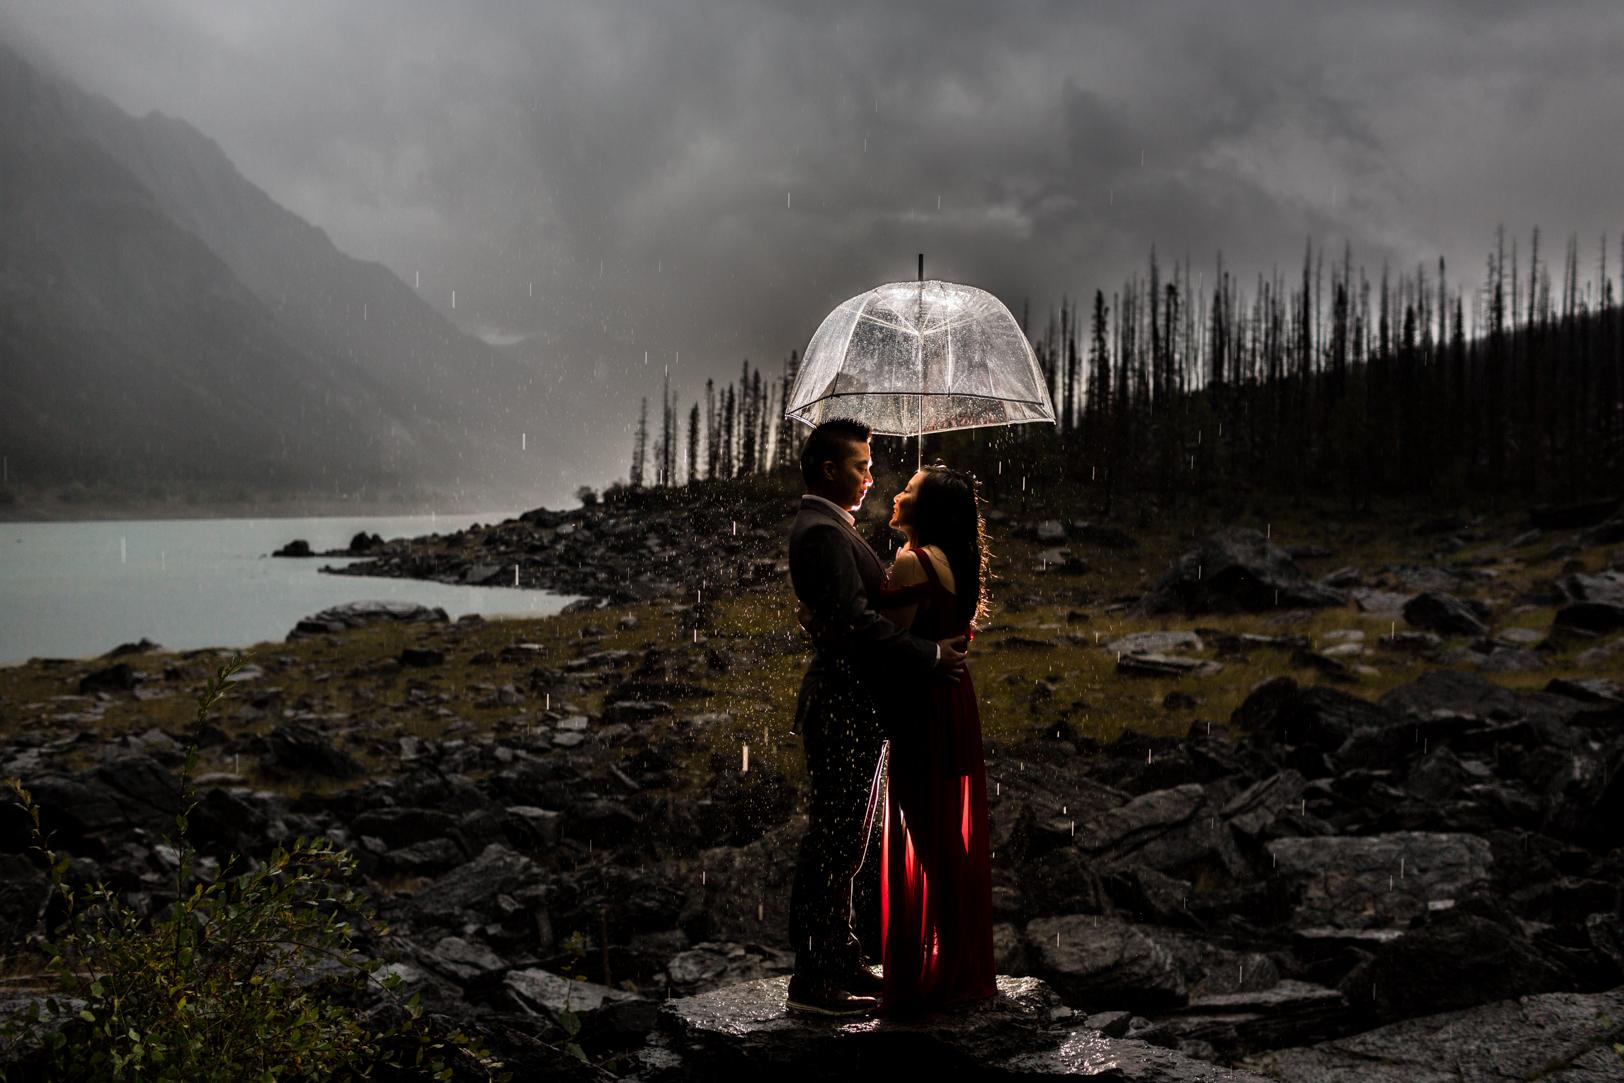 Umbrella Engagement Photos - Unique jasper engagement photos